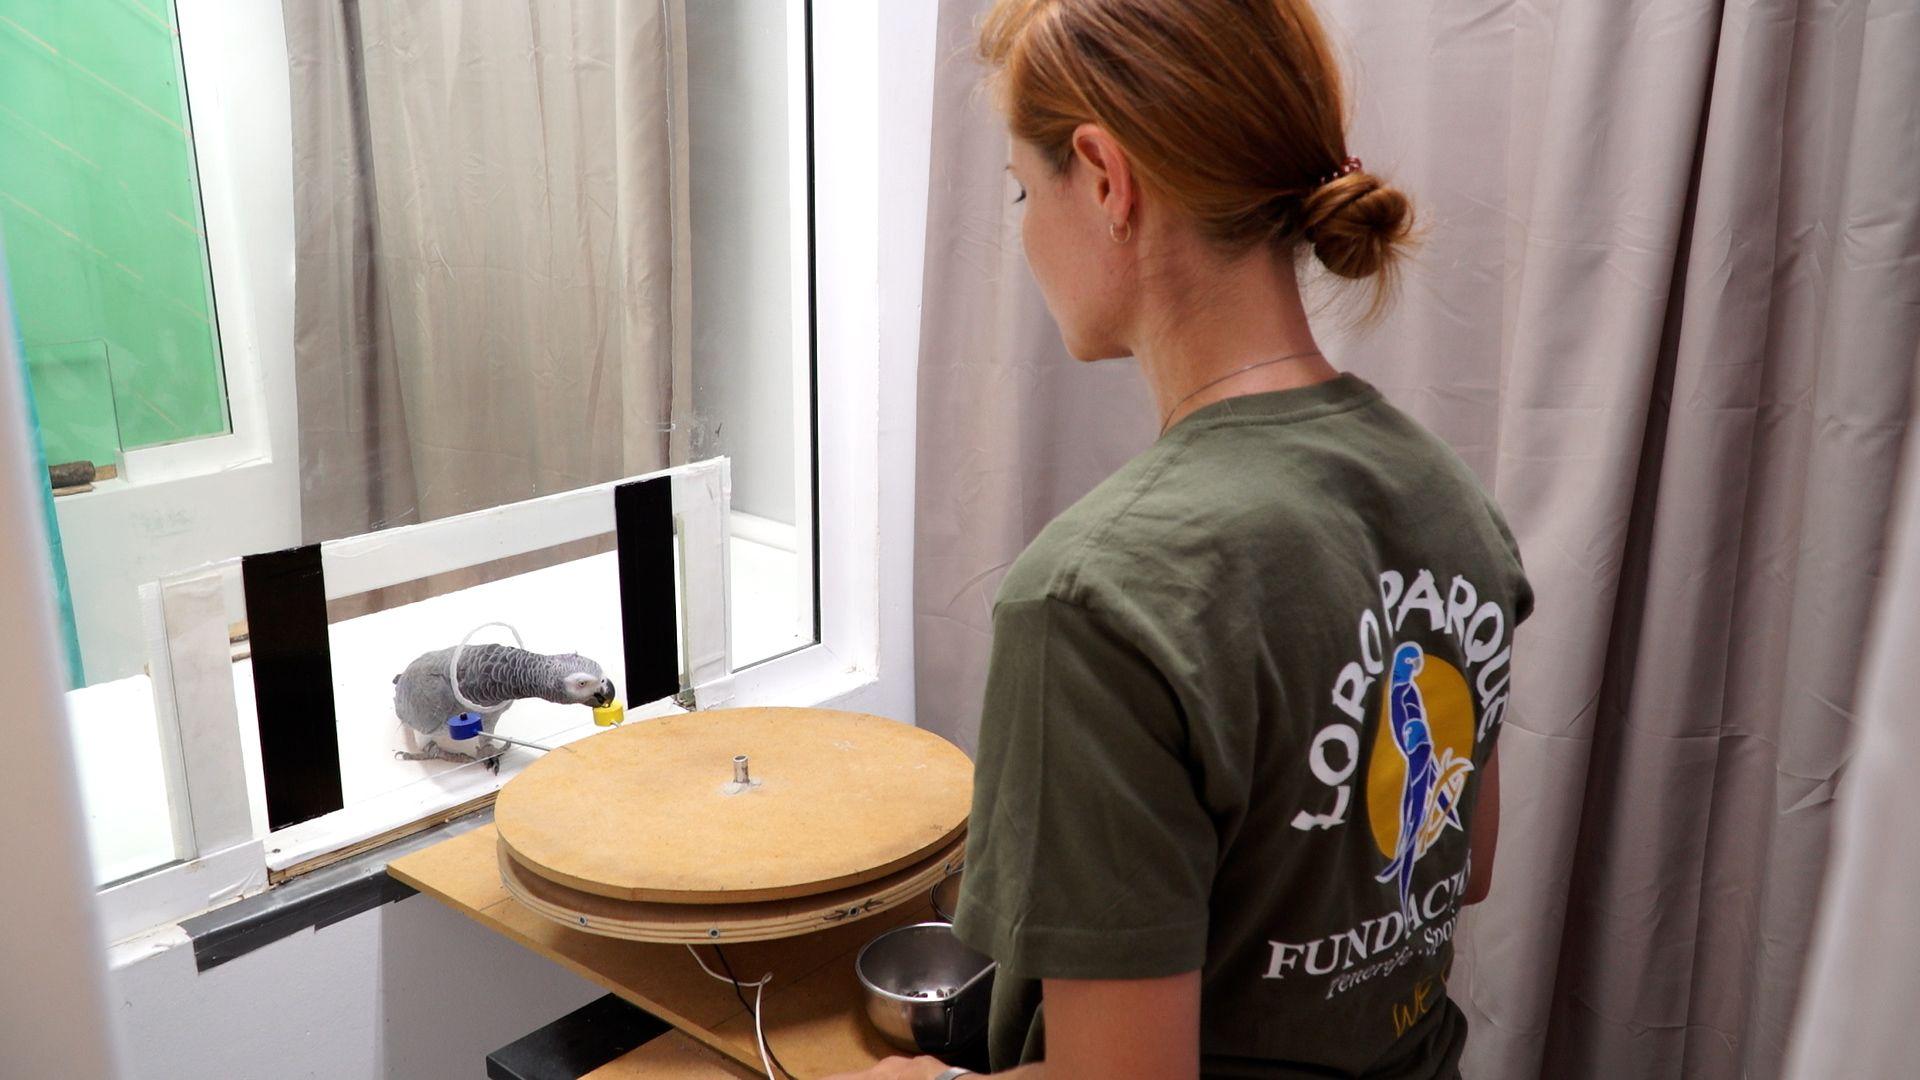 Loro Parque Fundación contribuye en un importante hallazgo: los loros tienen capacidad de autocontrol